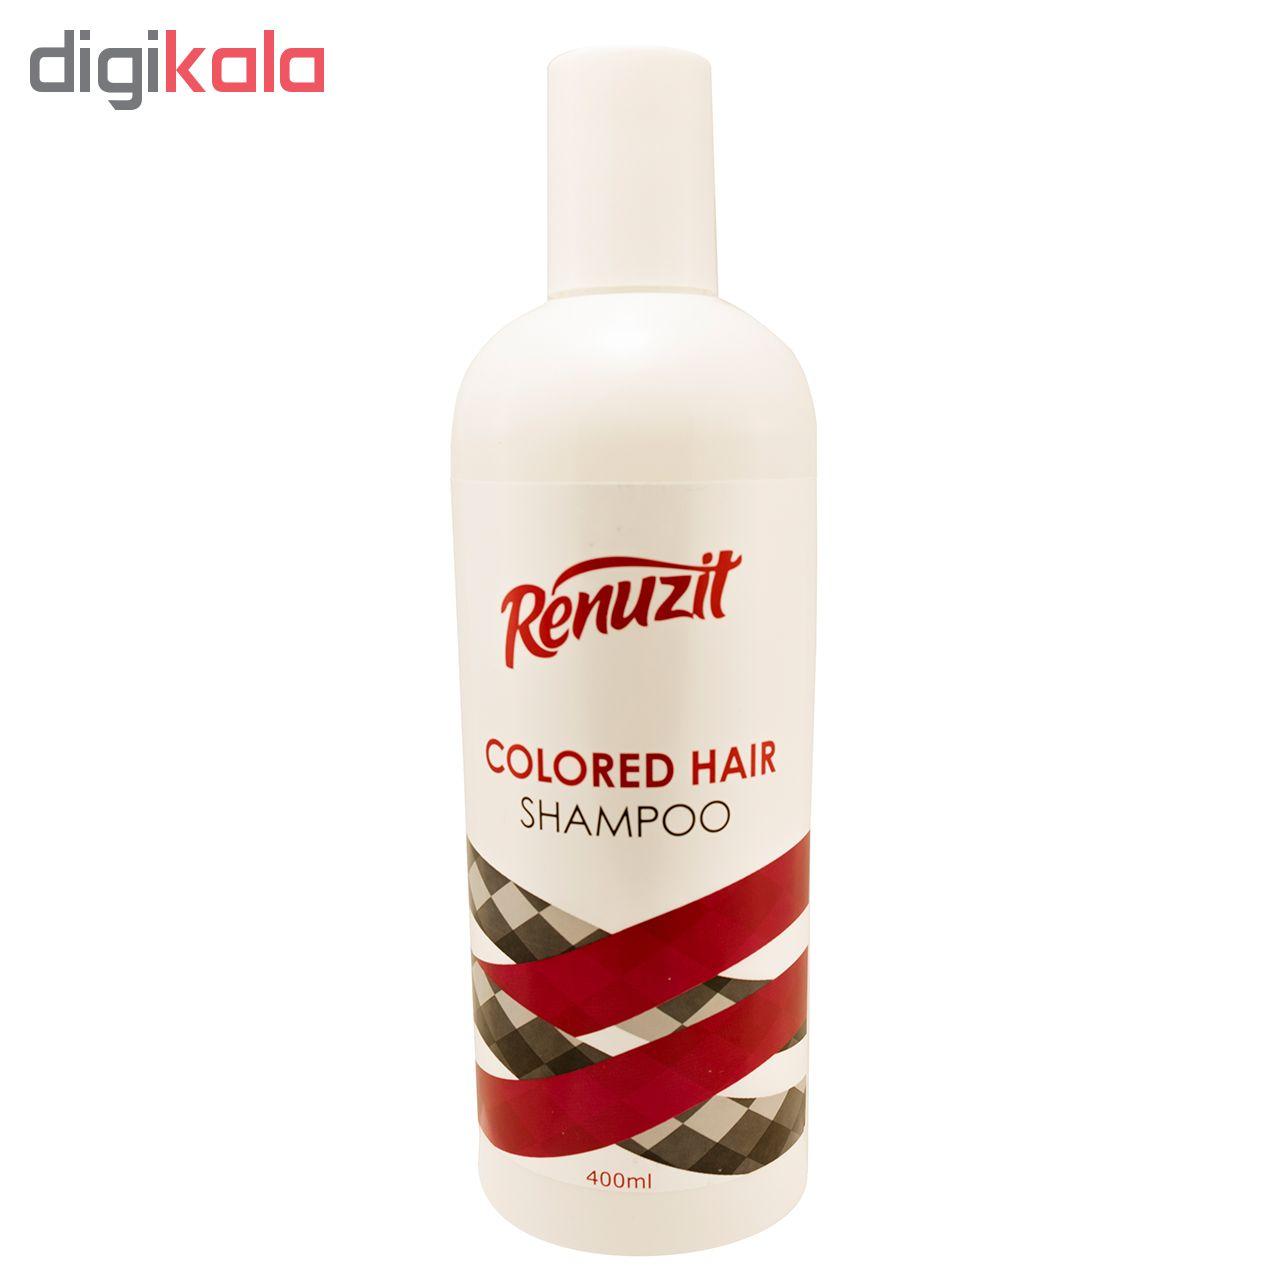 شامپو مو رینو زیت مدل COLORED HAIR حجم 400 میلی لیتر مجموعه 2 عددی main 1 2